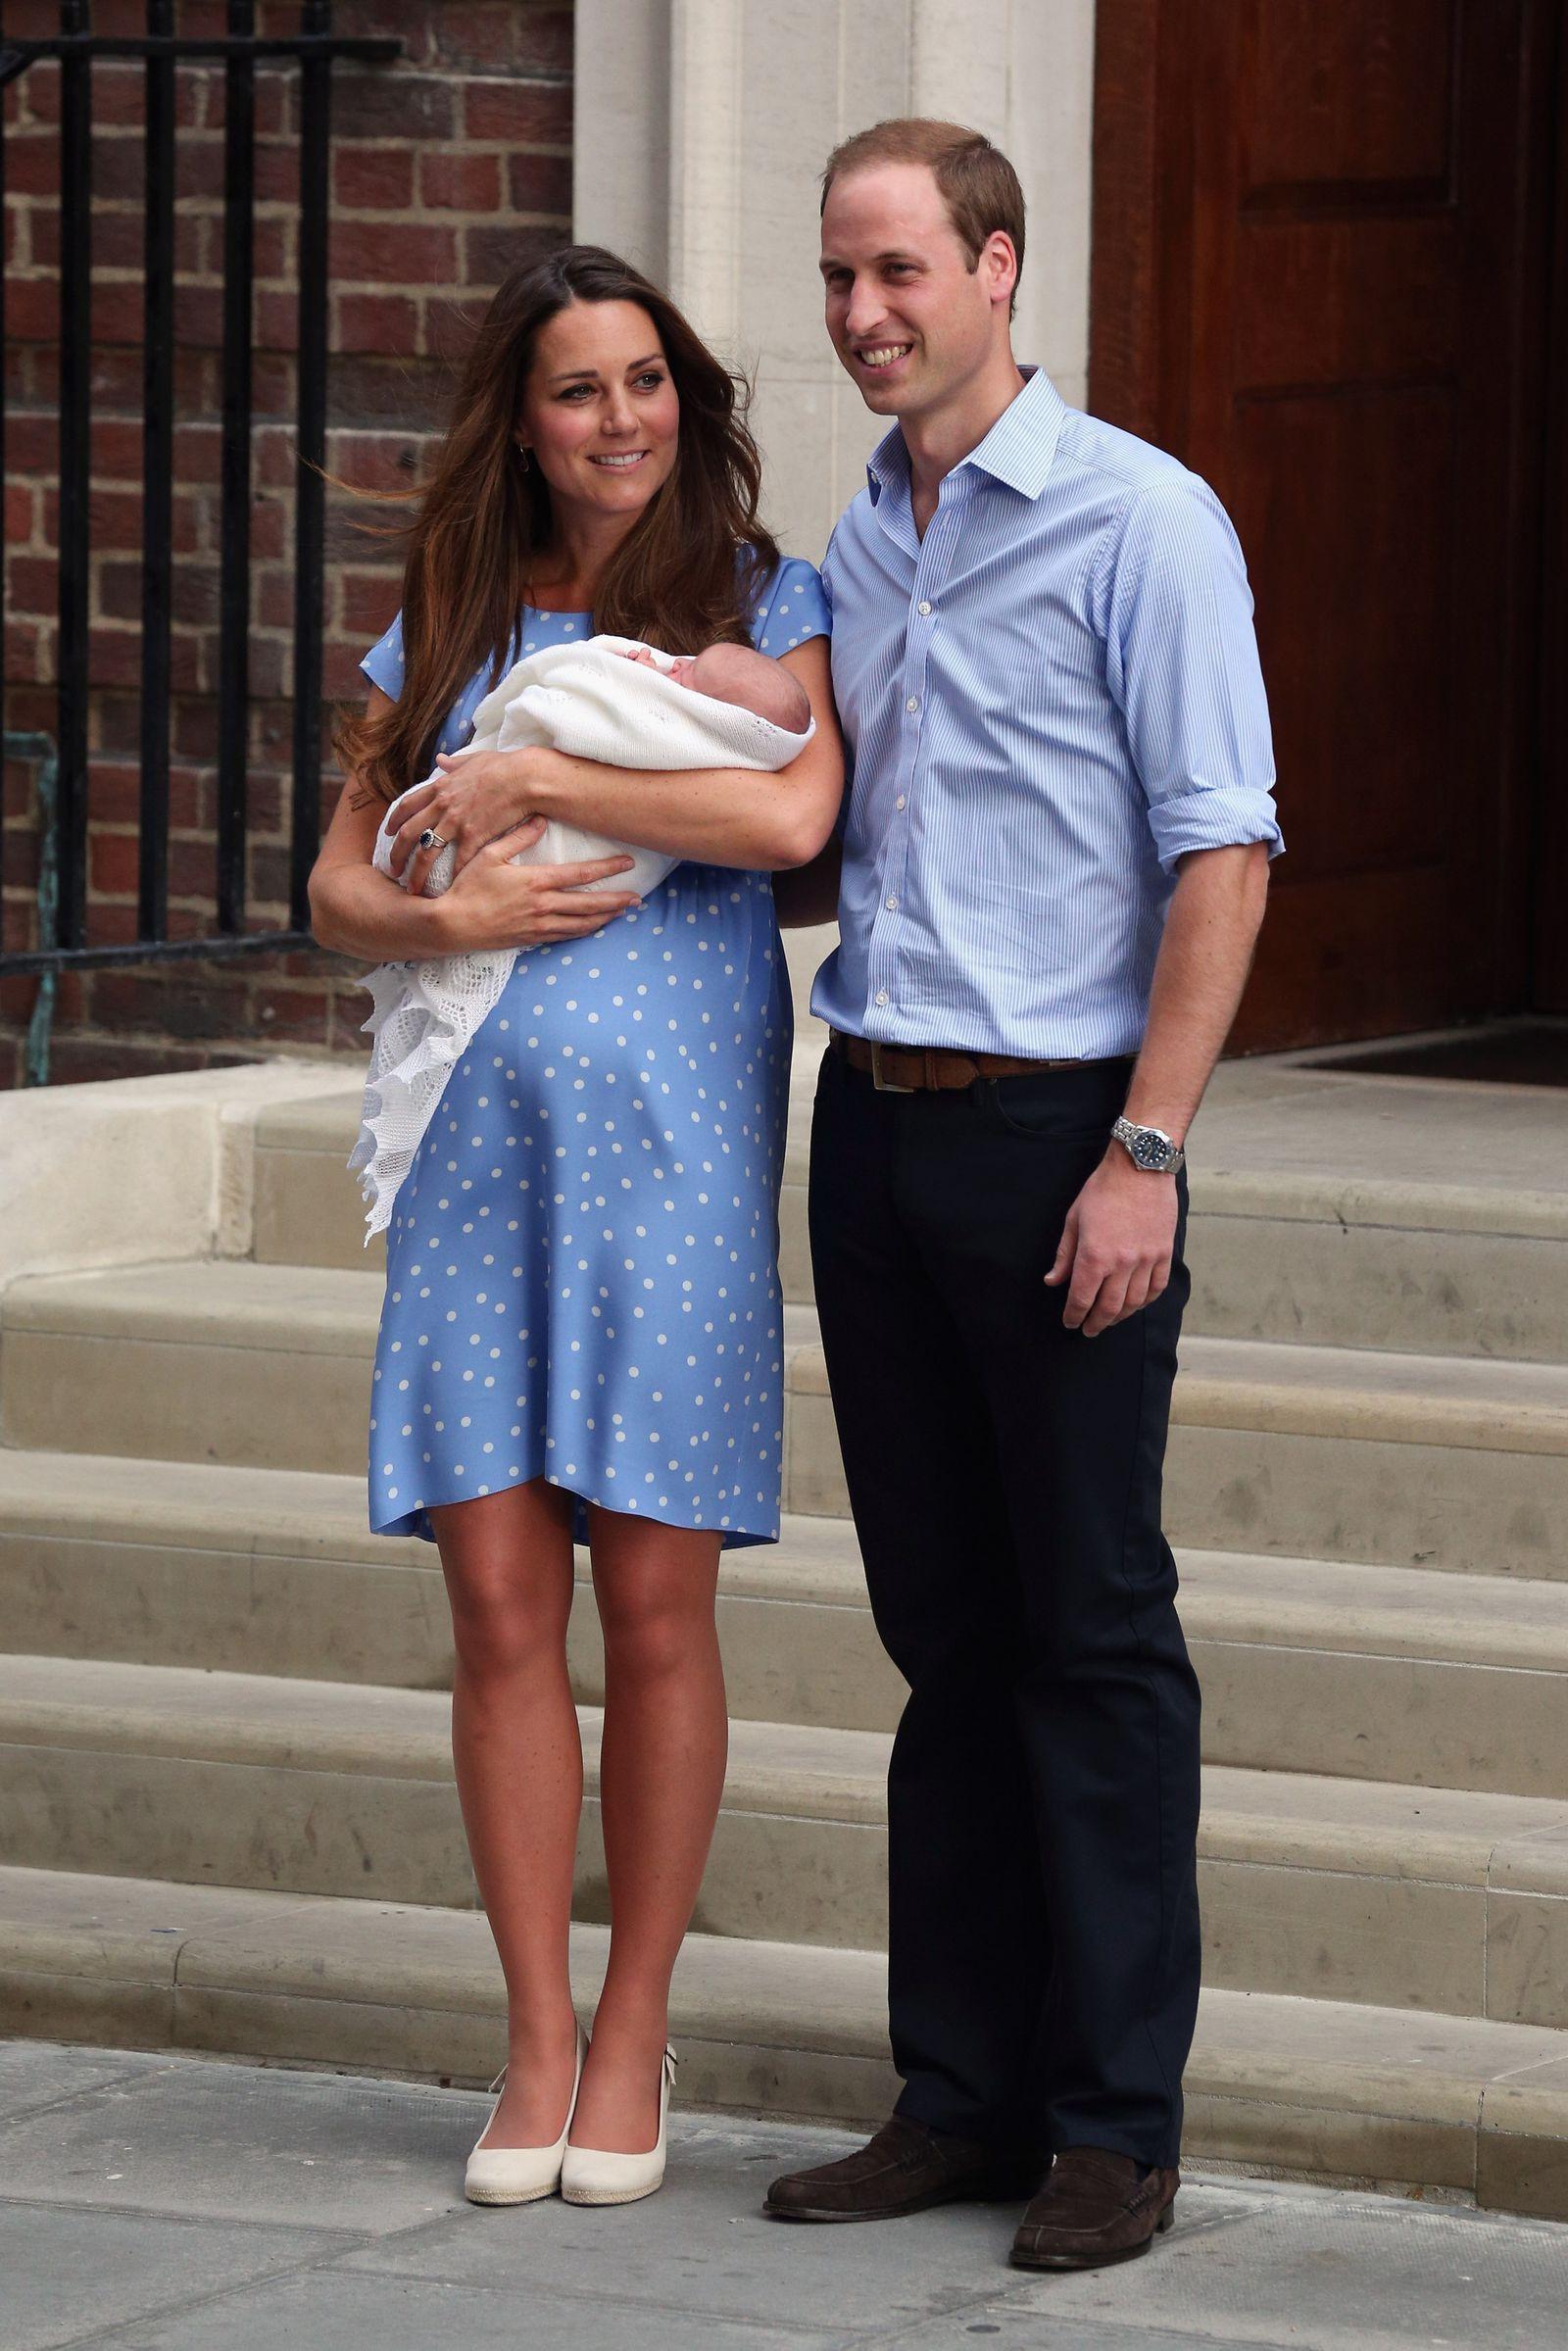 Style lộ diện sau sinh của 2 nàng dâu Hoàng gia: Chị chọn váy suông giấu dáng, em chẳng ngại mặc váy thắt eo nhưng lạ ở chỗ là cùng đi 1 kiểu giày - Ảnh 5.